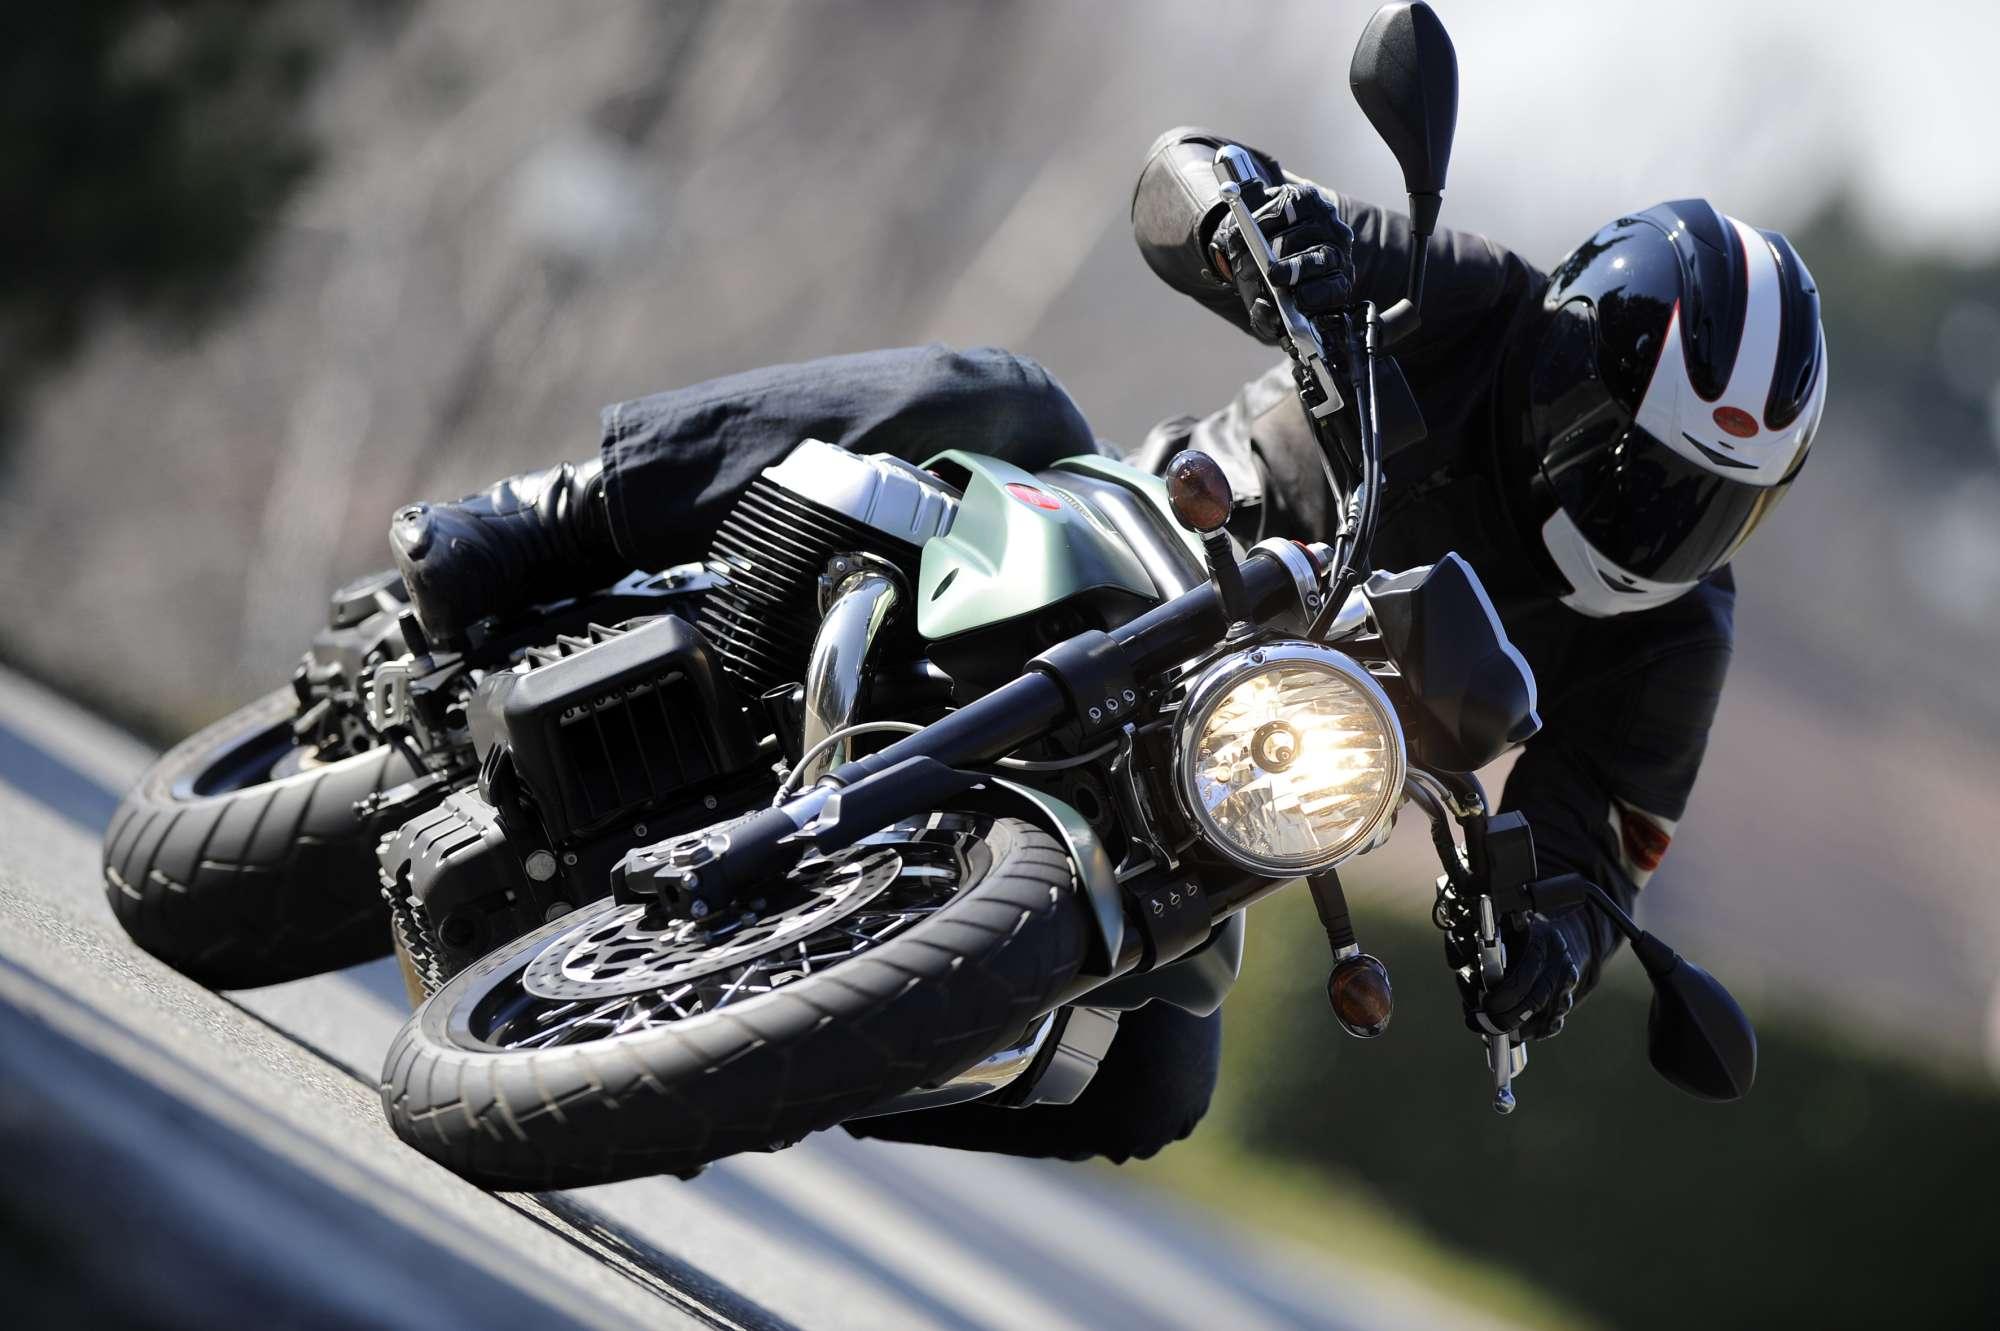 Moto Guzzi California >> Gebrauchte und neue Moto Guzzi Griso 1200 8V Motorräder kaufen